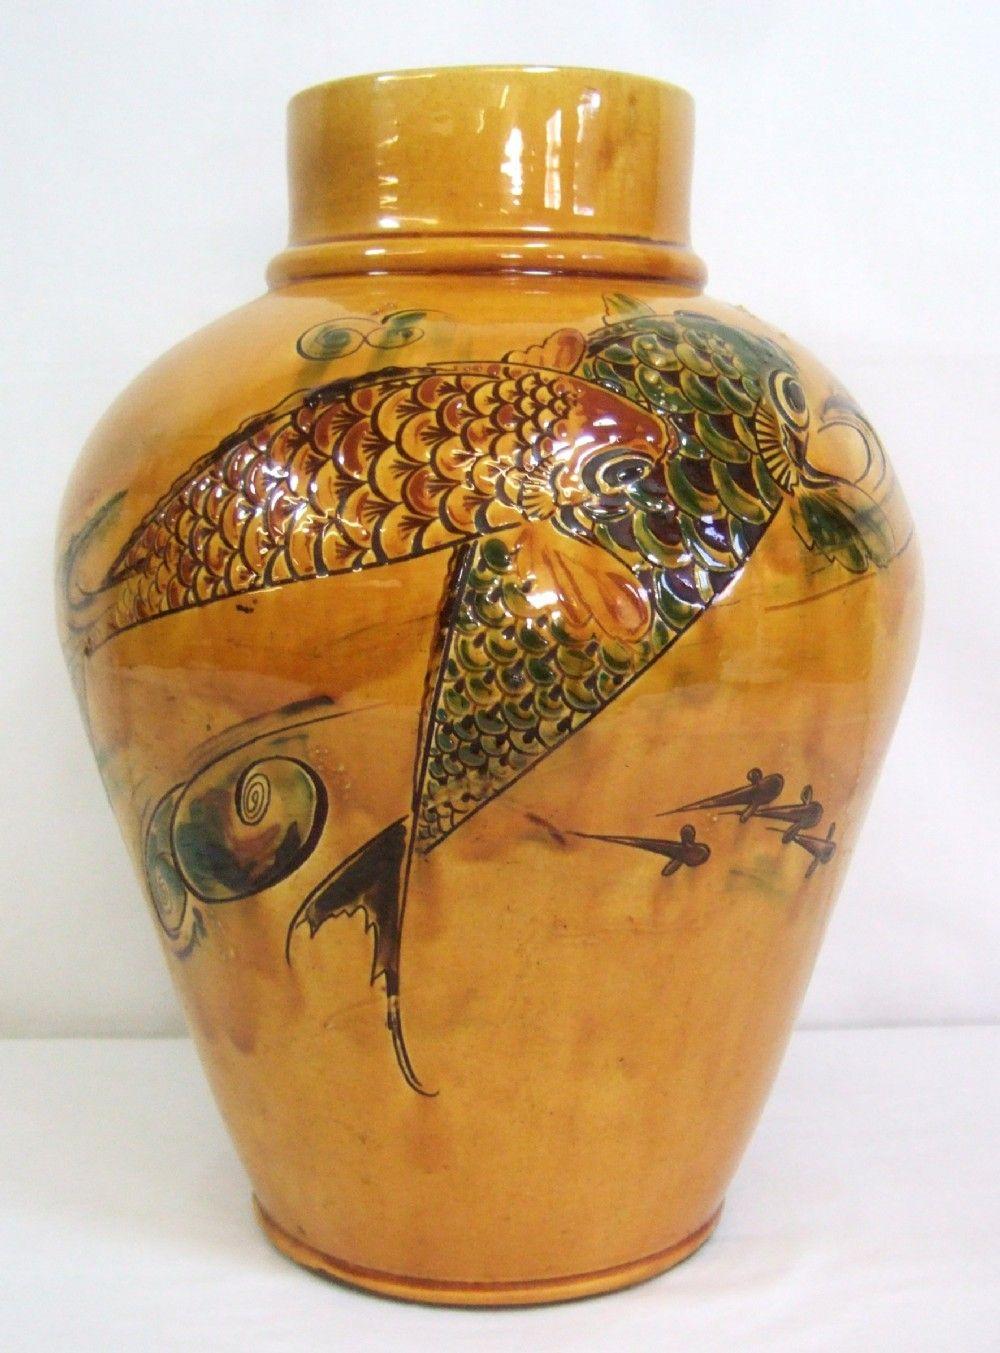 C.H Branham for Liberty's Large Antique Vase Carp Fish